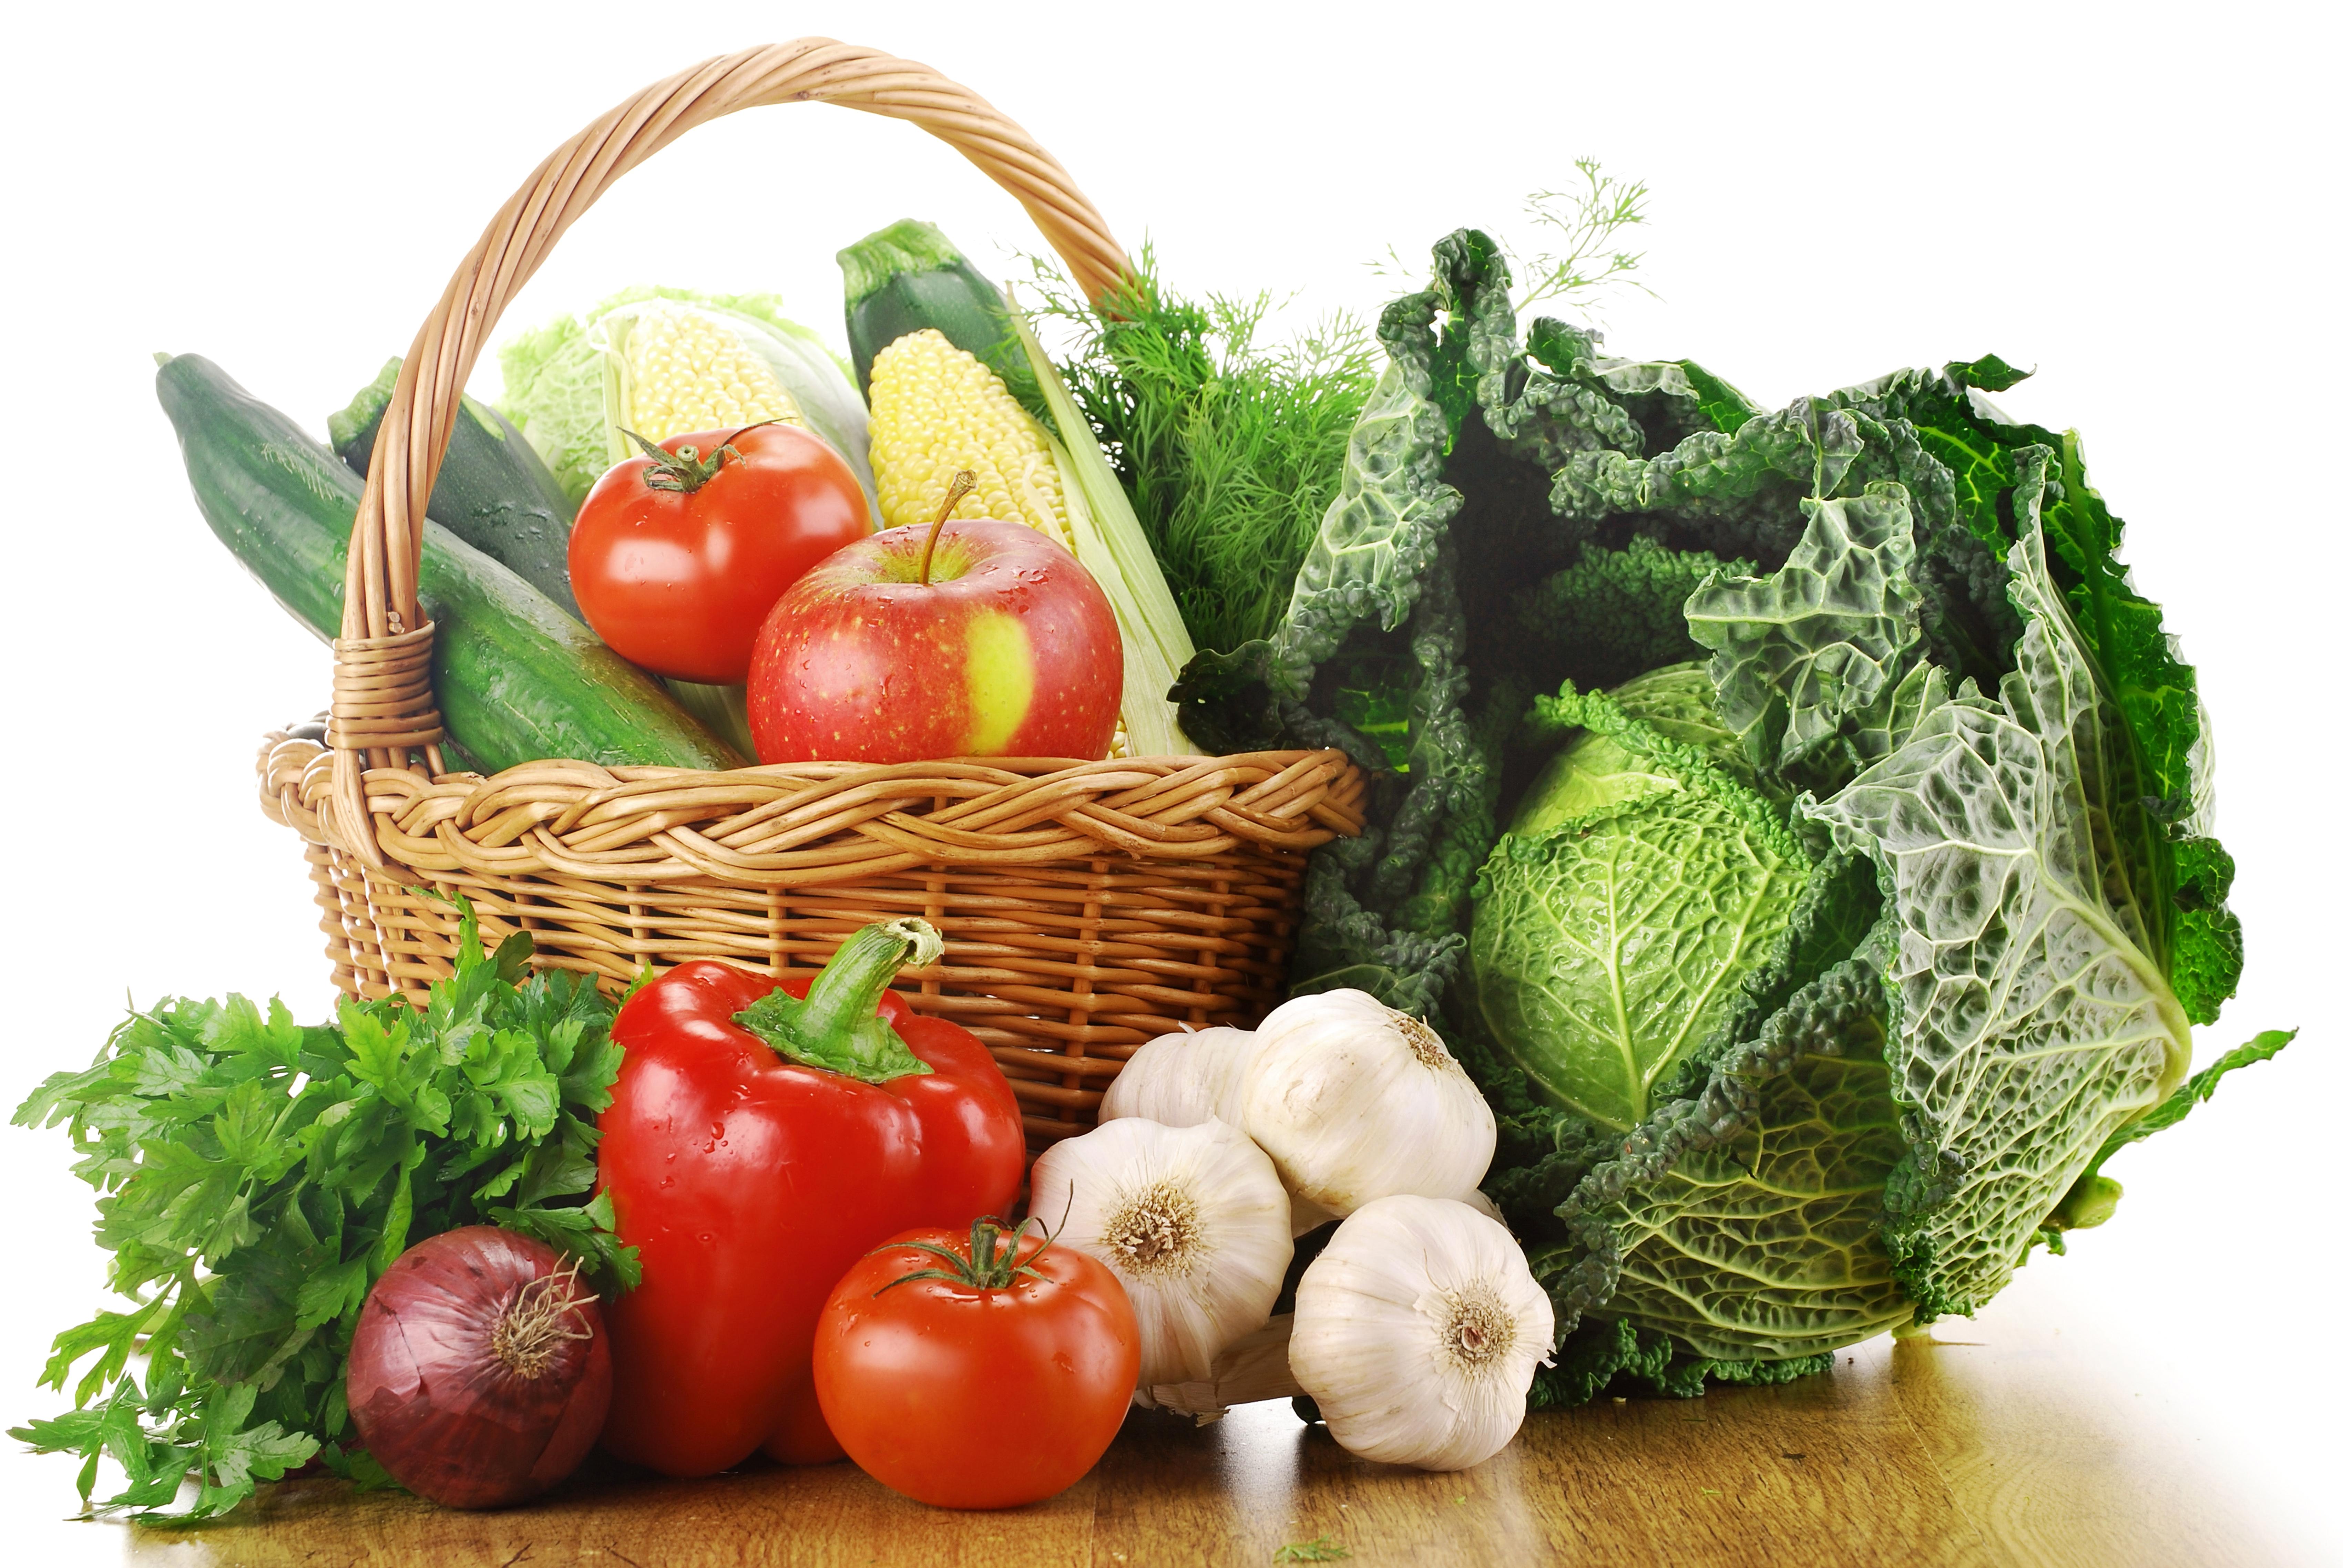 Fotos Kohl Tomate Zwiebel Äpfel Knoblauch Weidenkorb Gemüse Peperone Lebensmittel Weißer hintergrund 6800x4552